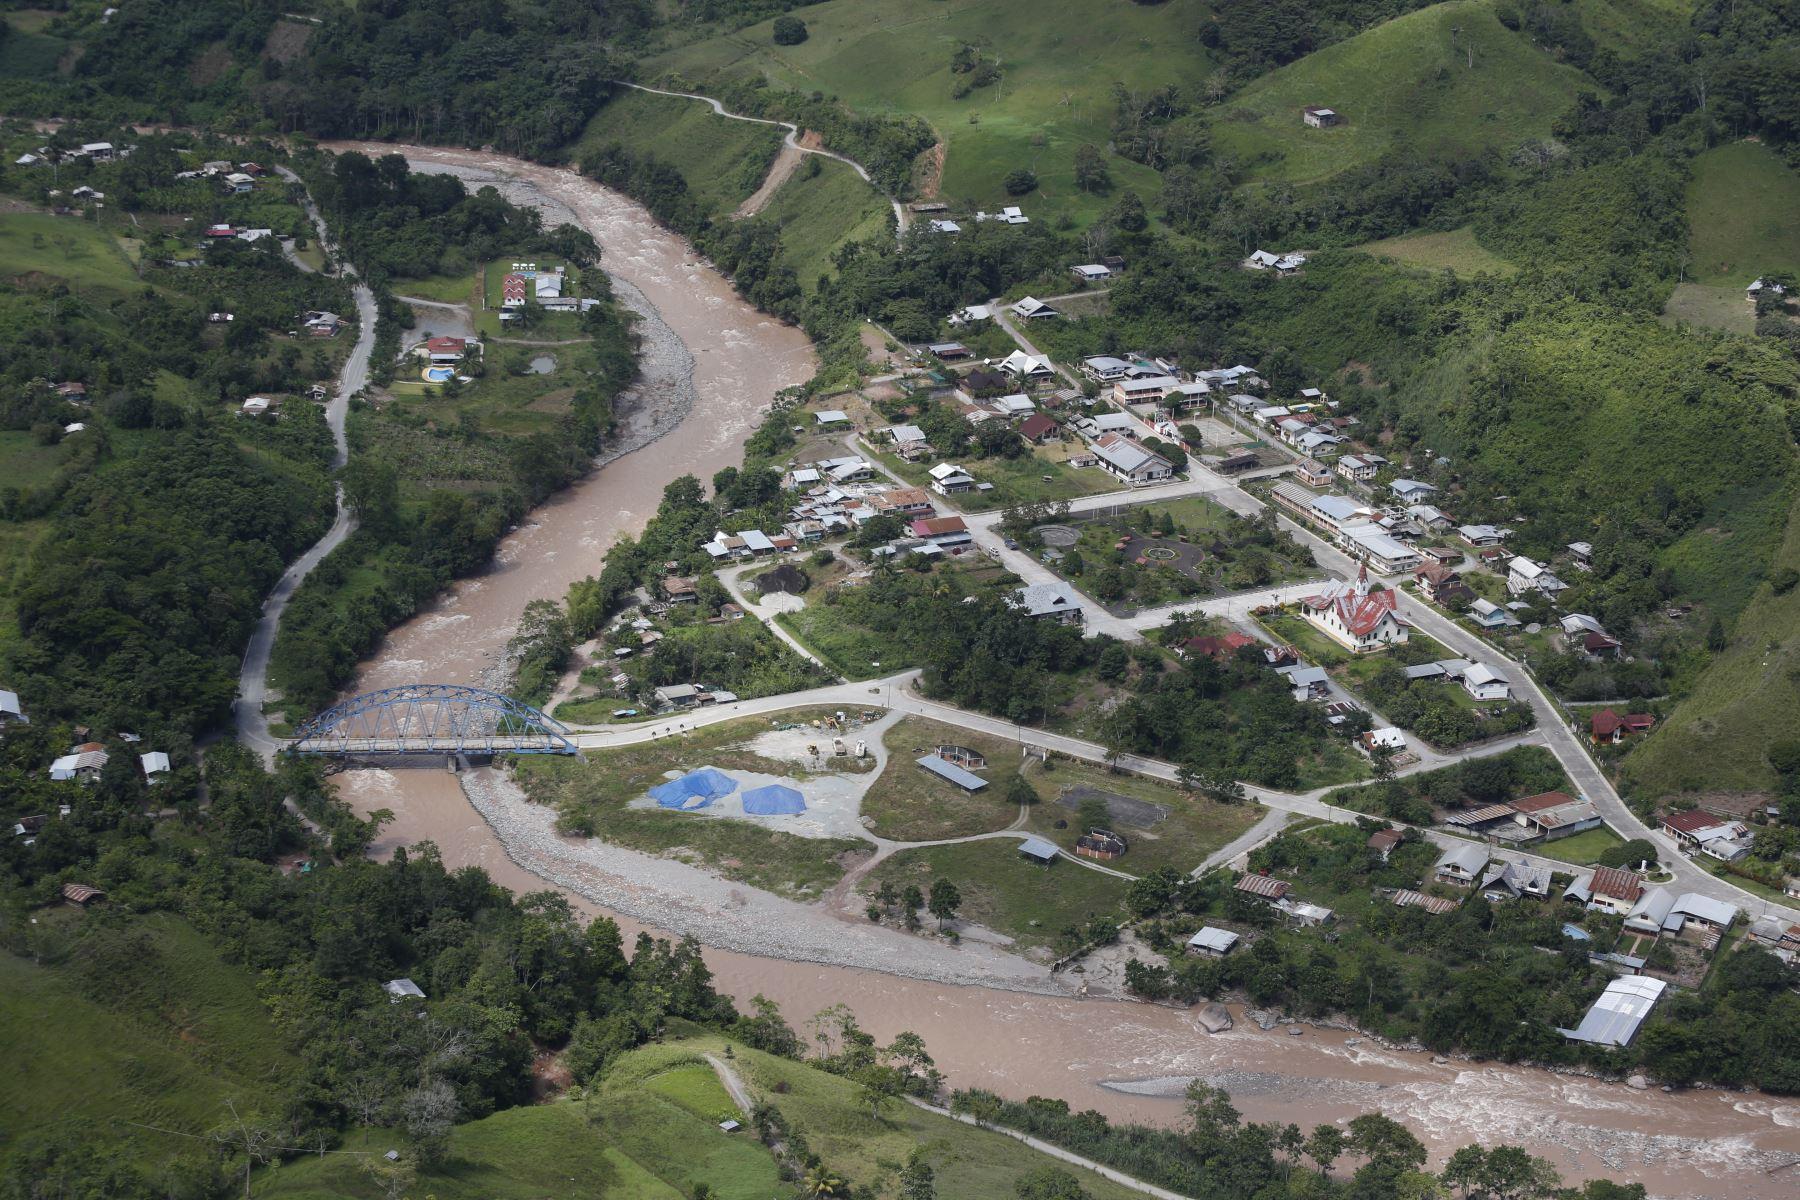 秘鲁中部发生5.7级地震 暂无人员伤亡讲述 第2张